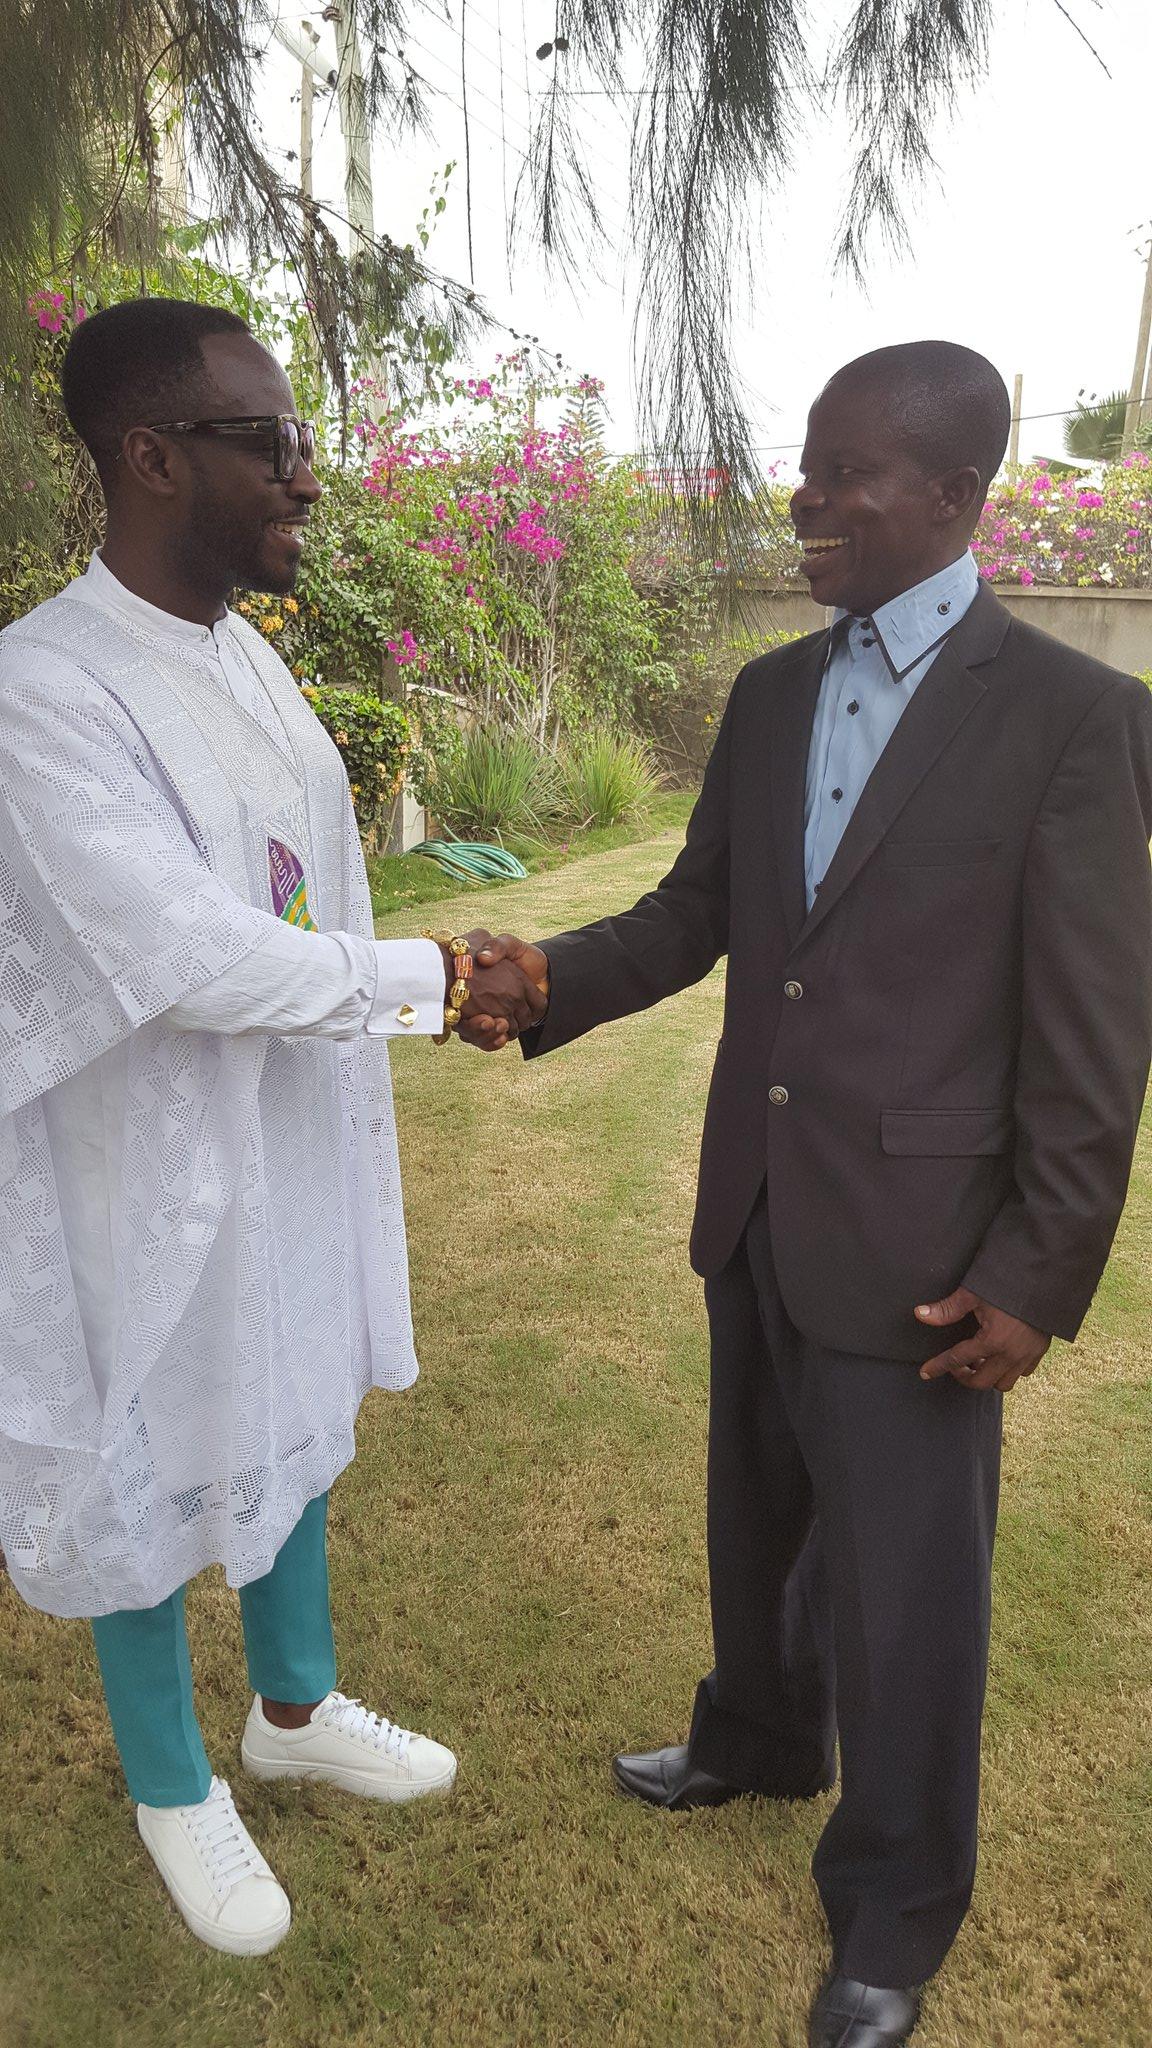 Ghanaian musician Okyeame Kwame (left) being greeted by DGM Ghana National Steering Committee Chairman Hayford Duodu (right); Credit: Hayford Duodu, DGM Ghana